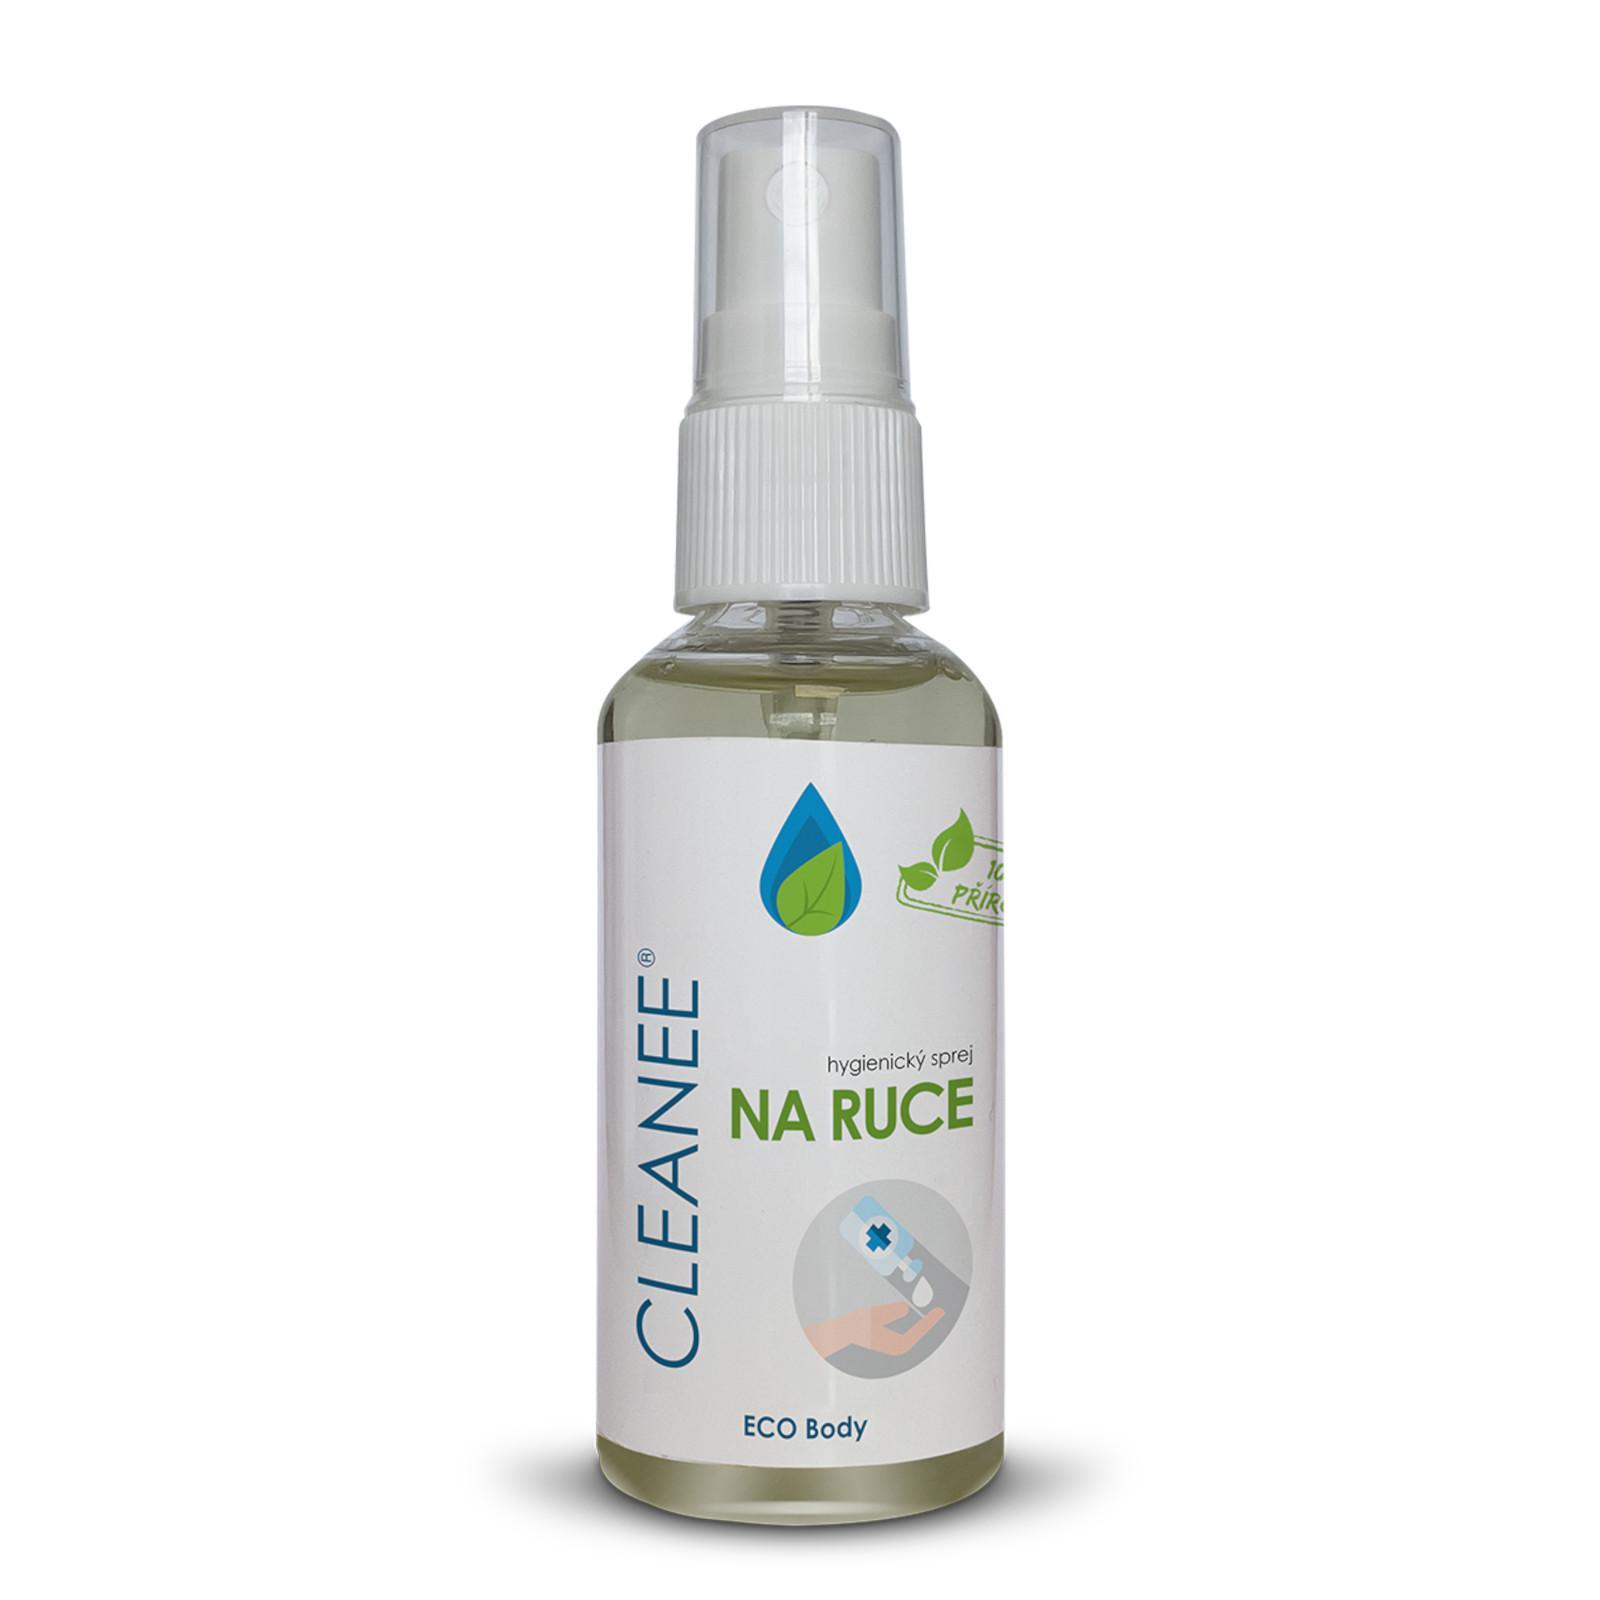 Cleanee přírodní hygienický sprej na ruce